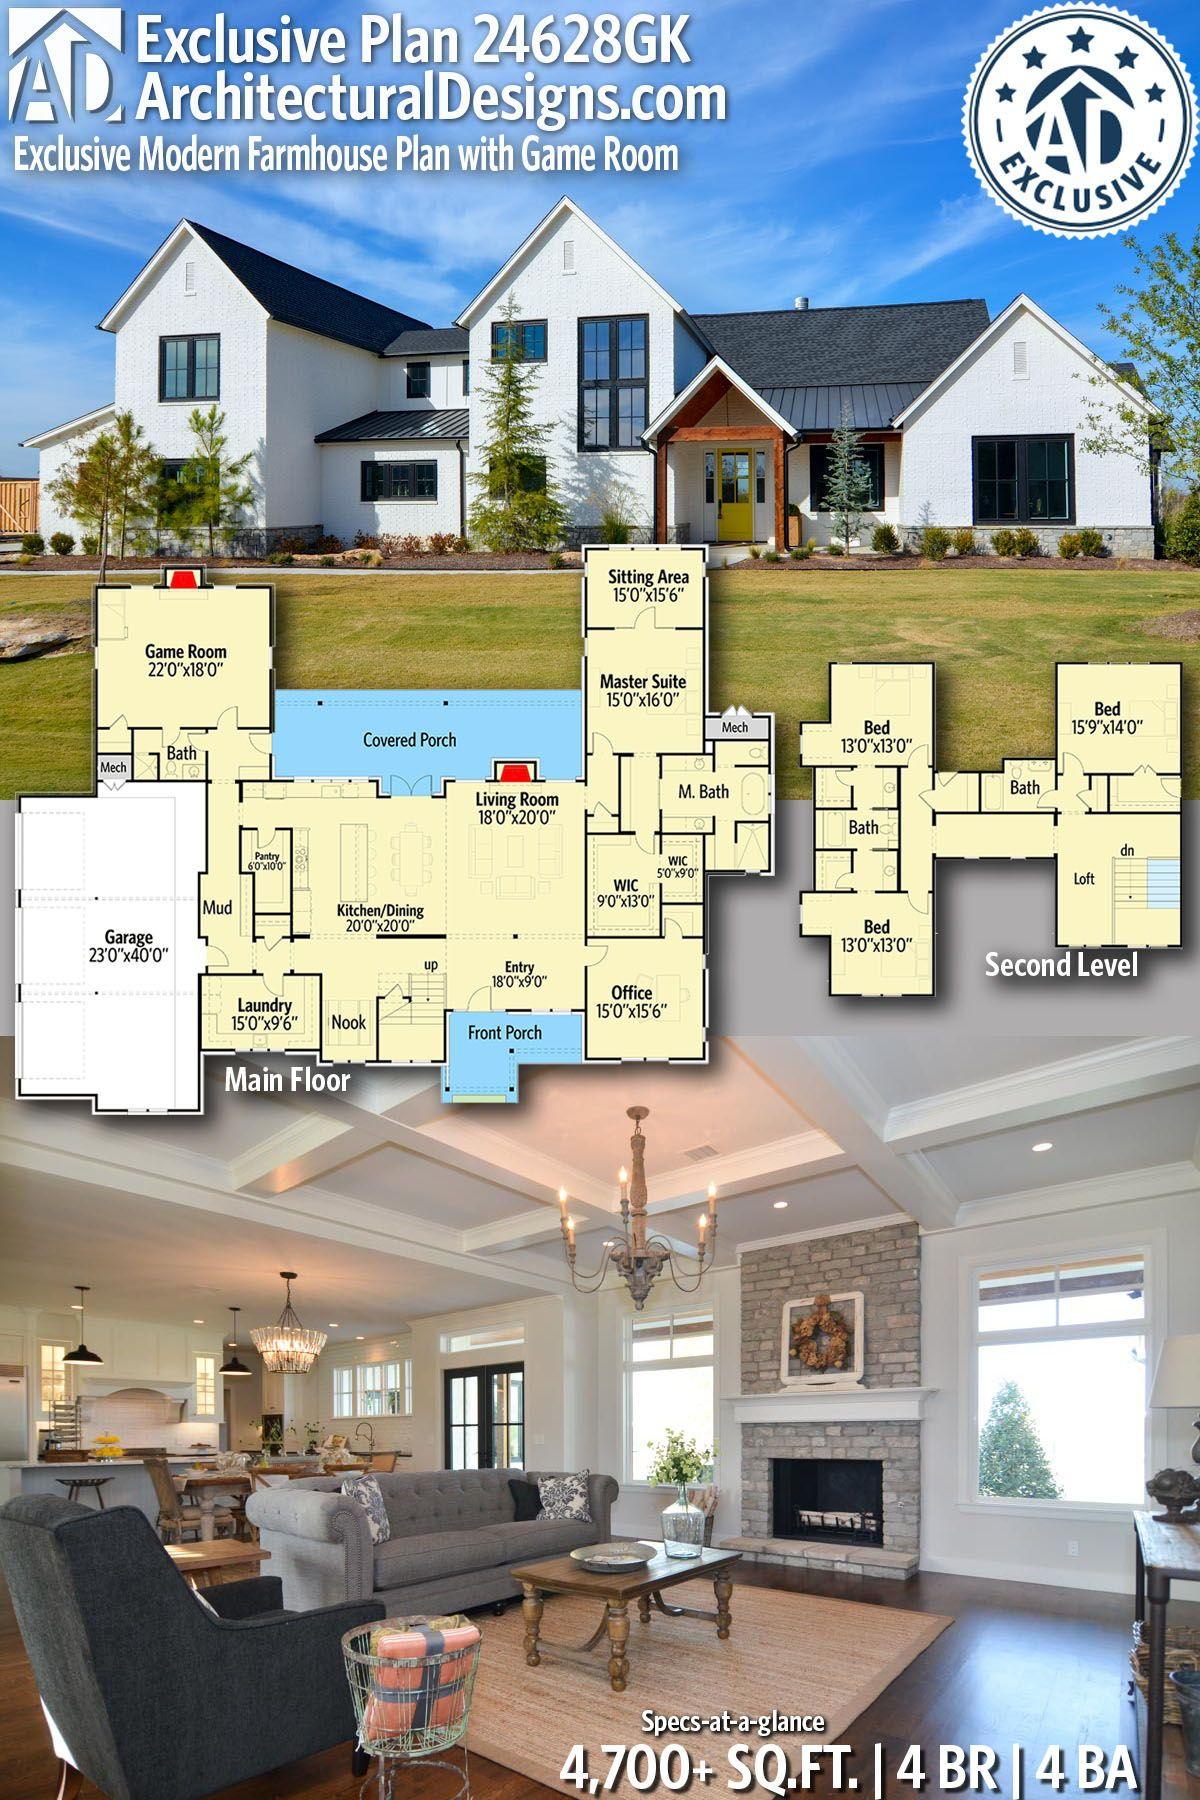 Plan 24628gk Exclusive Modern Farmhouse Plan With Game Room Modern Farmhouse Plans House Plans Farmhouse Farmhouse Plans